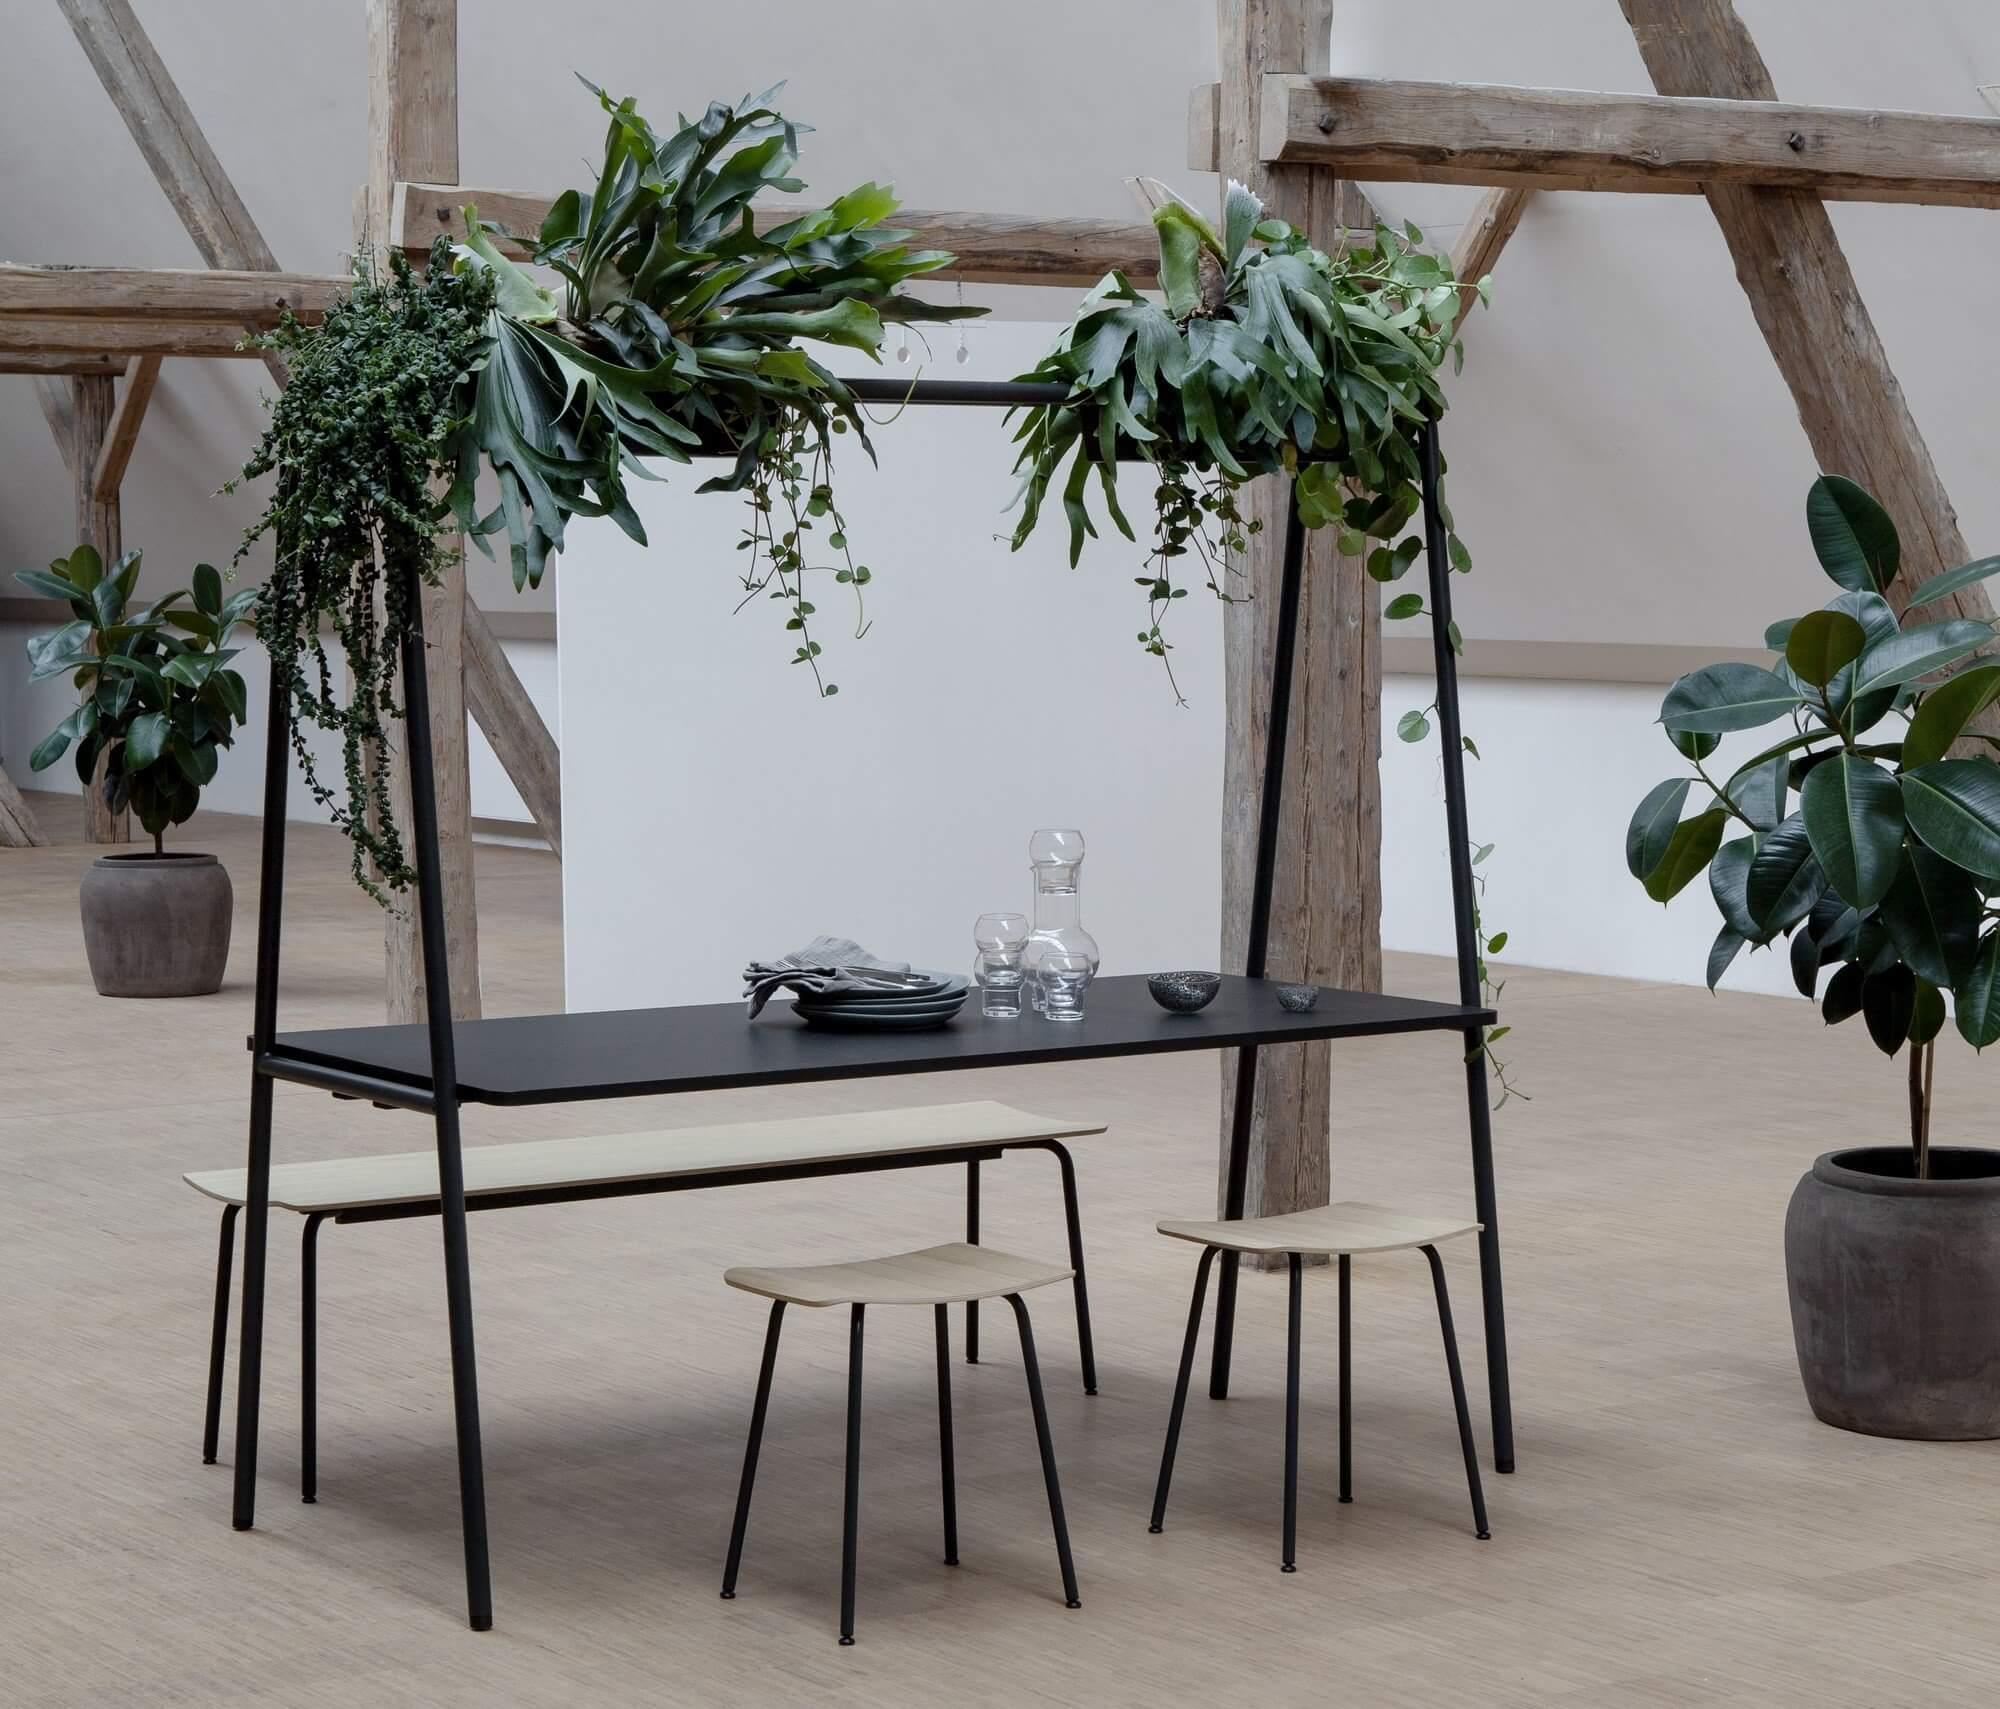 Mobilier de bureau avec jardinière de plantes ARCHE.